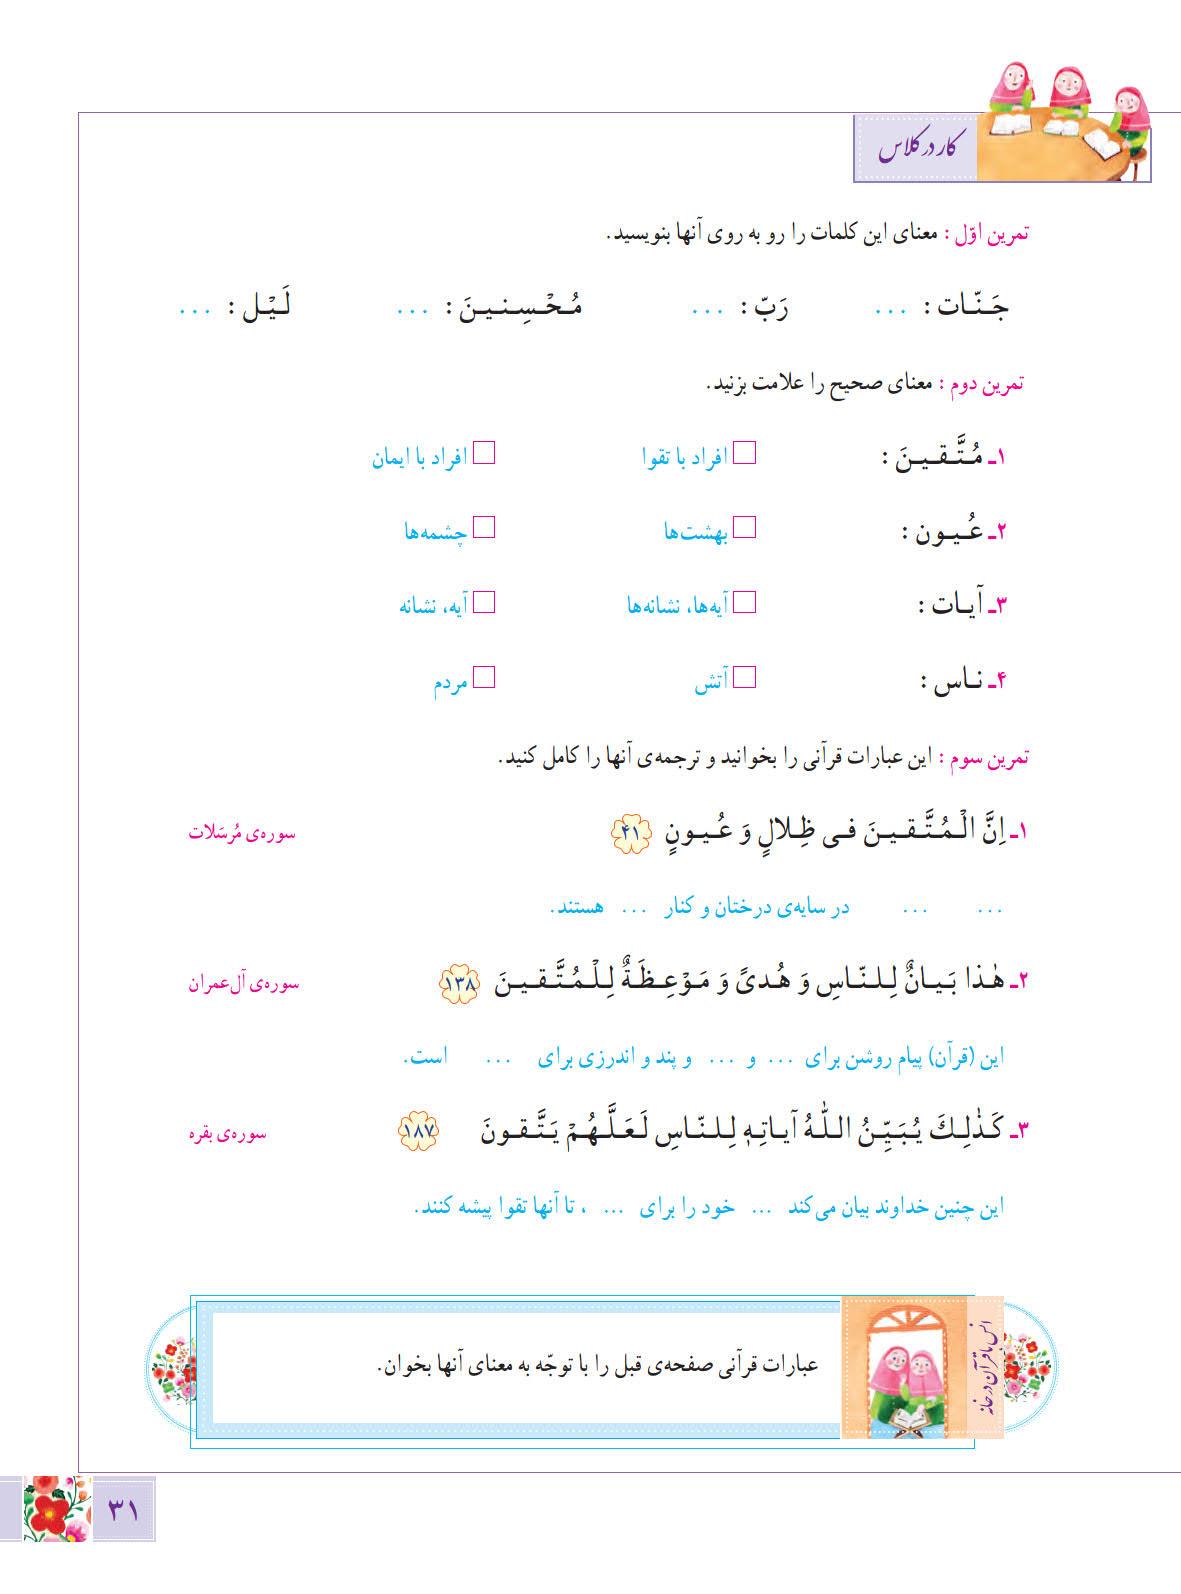 روخوانی و متن و پاسخ صفحه 31 درس پنجم آموزش قرآن ششم ابتدایی - کلاس اینترنتی ما - مومکا - momeka.ir (1)